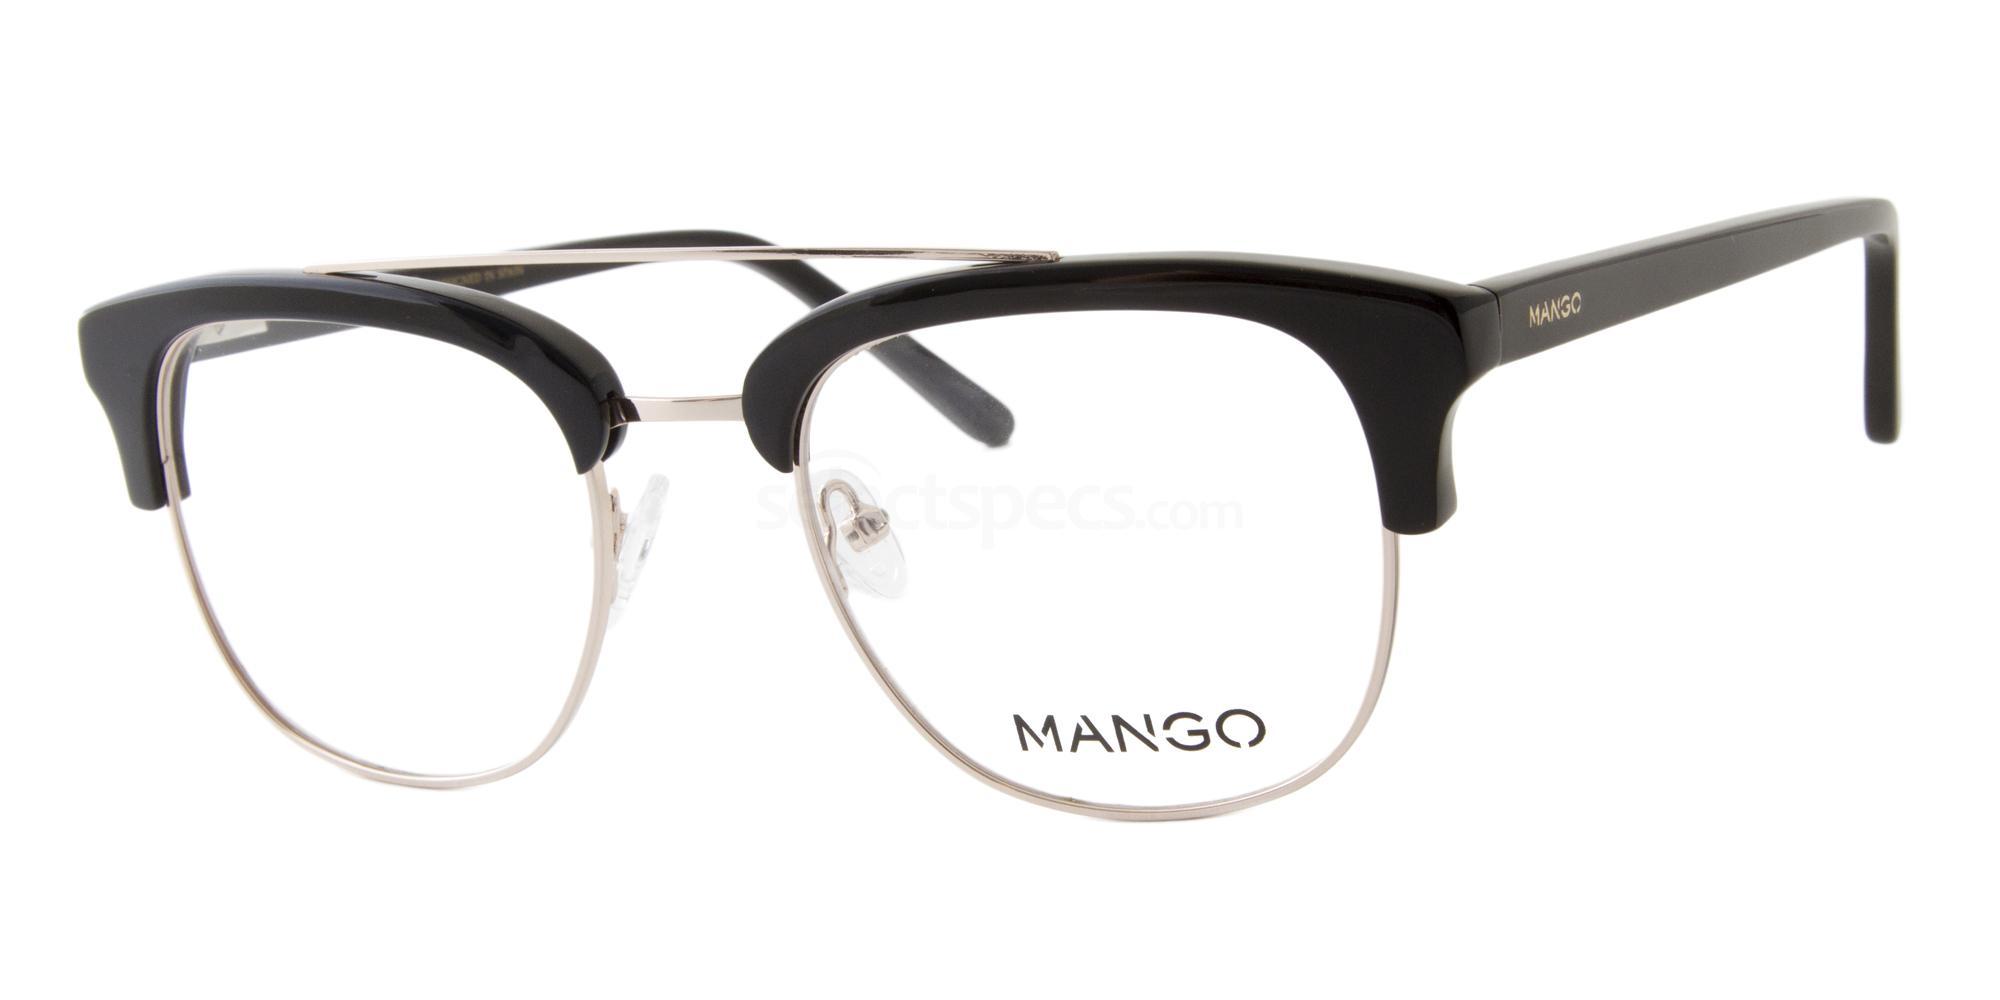 C1 MNG1802 Glasses, MANGO